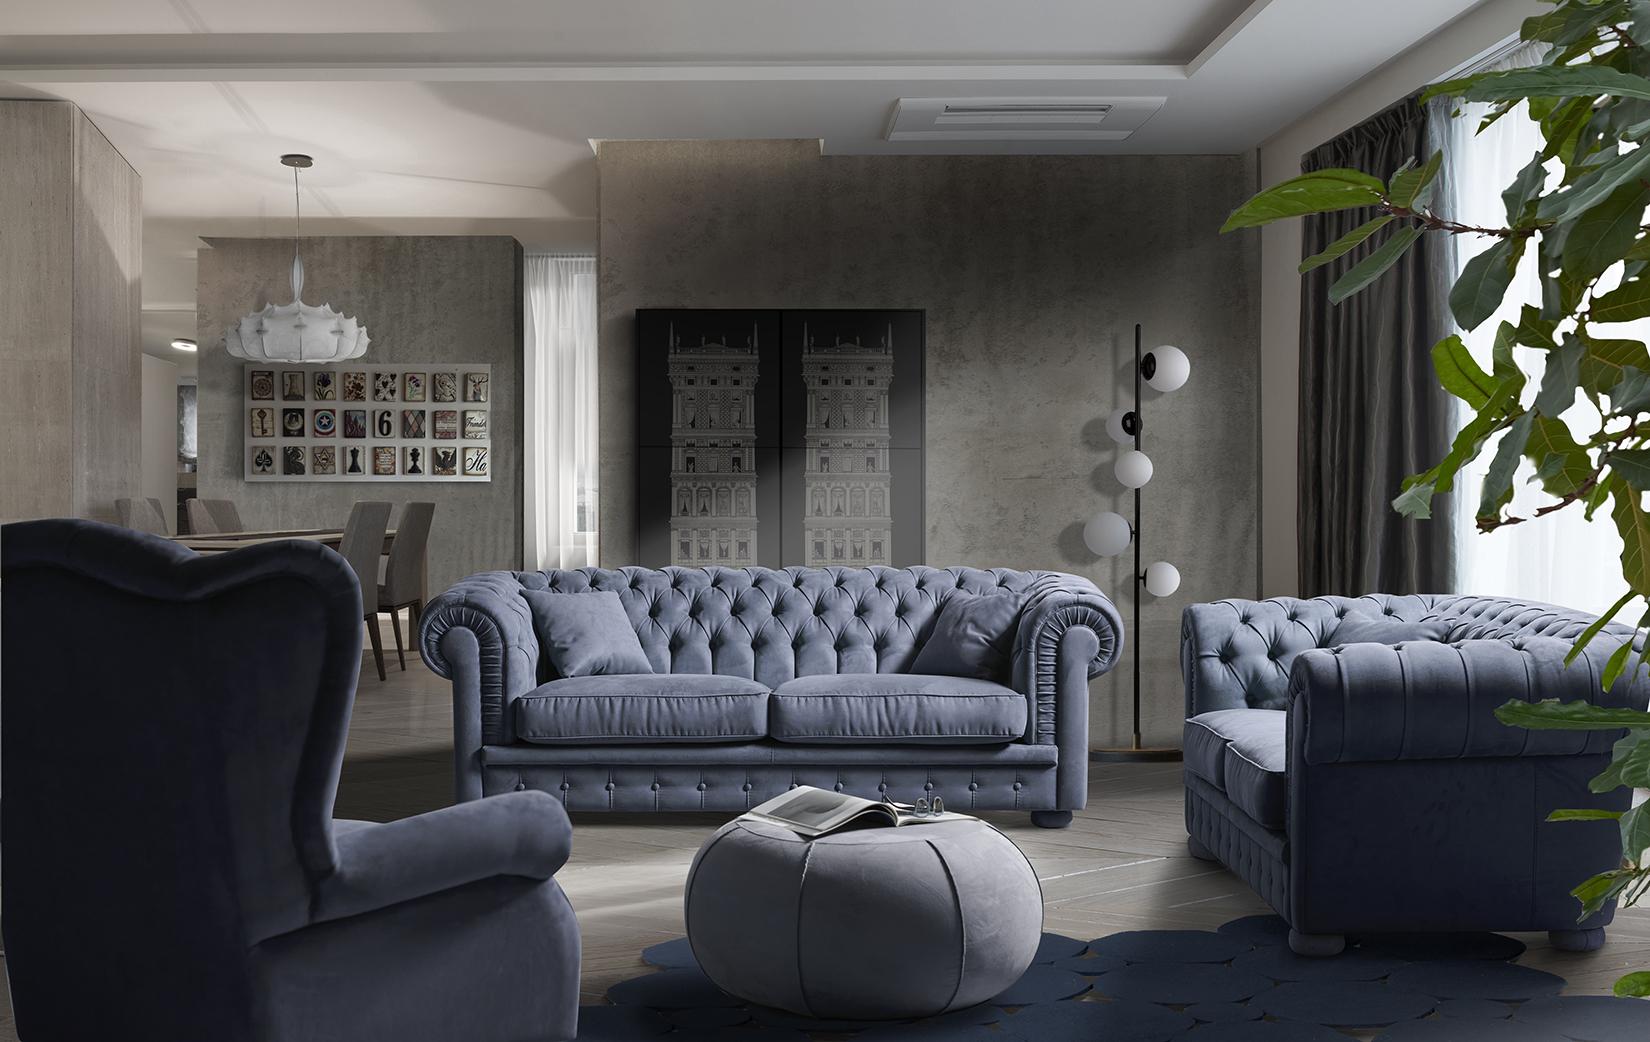 Il Grande classico di Artsofà. Disponibile in pelle e oltre 300 varianti di colore di tessuto, rappresenta il divano per eccellenza ideale per ambienti da sogno. I piedi di serie sono sempre dello stesso rivestimento del divano. Disponibili anche piedi in legno della stessa forma vedi colori e finiture